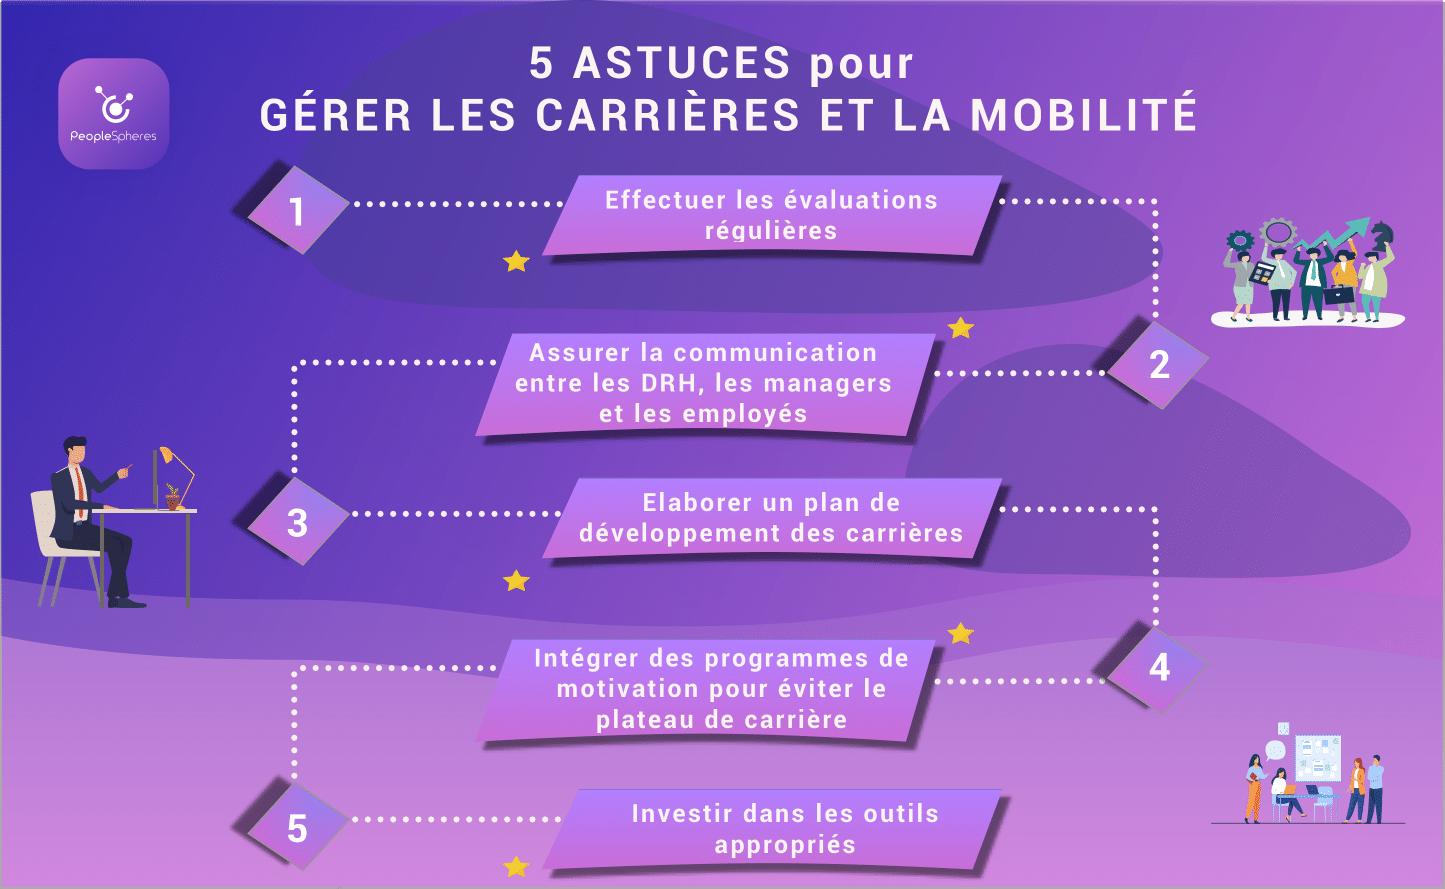 Gérer les carrières et la mobilité-1